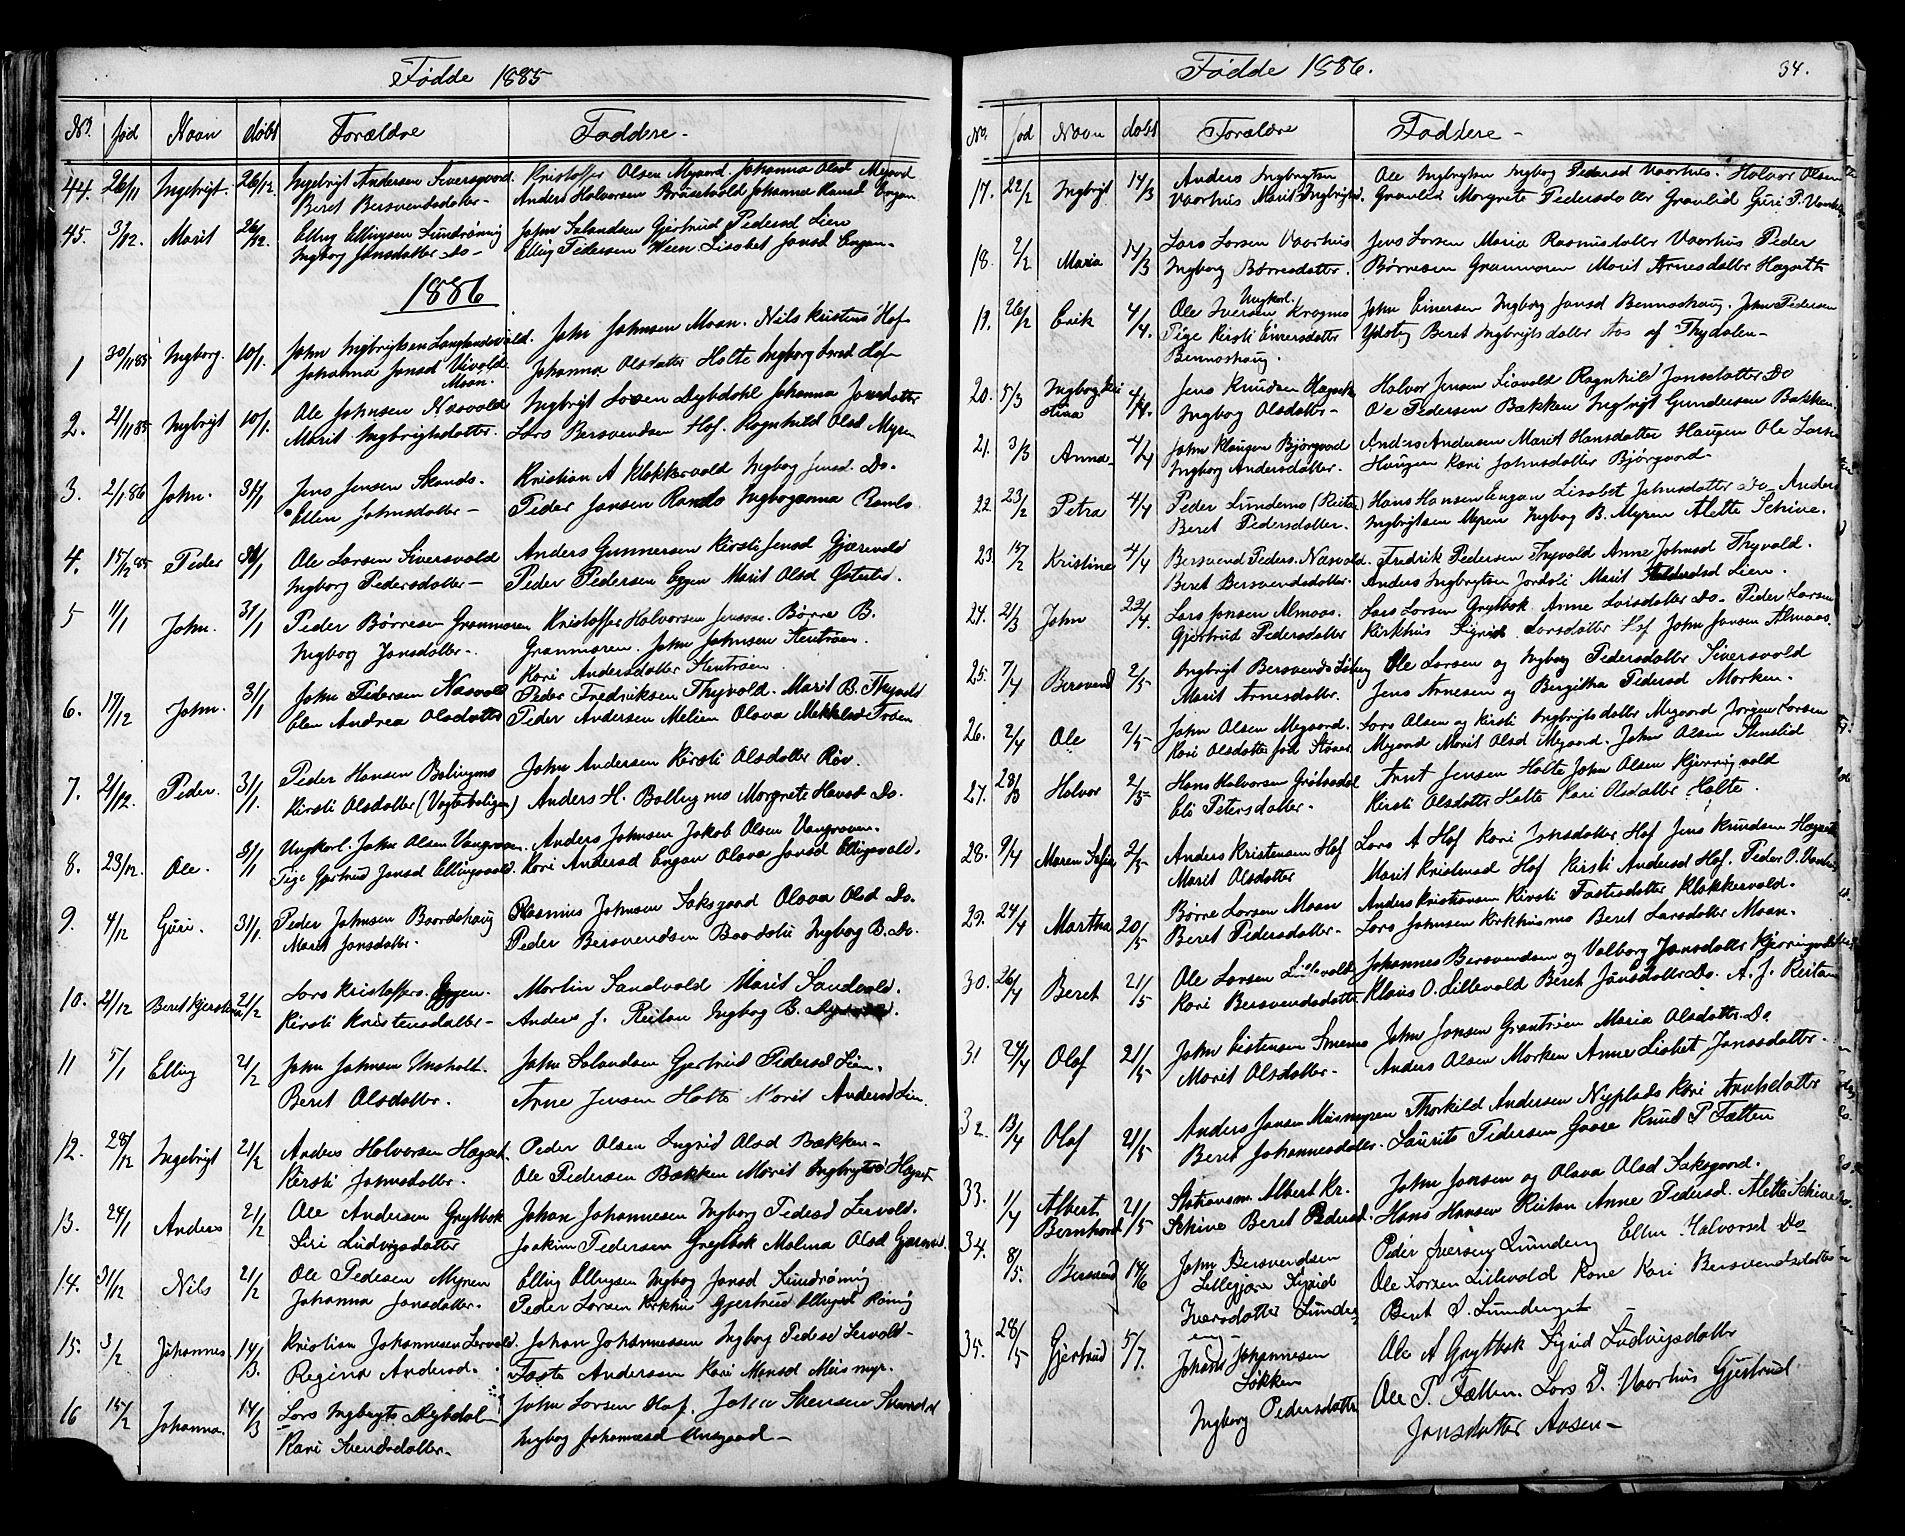 SAT, Ministerialprotokoller, klokkerbøker og fødselsregistre - Sør-Trøndelag, 686/L0985: Klokkerbok nr. 686C01, 1871-1933, s. 34